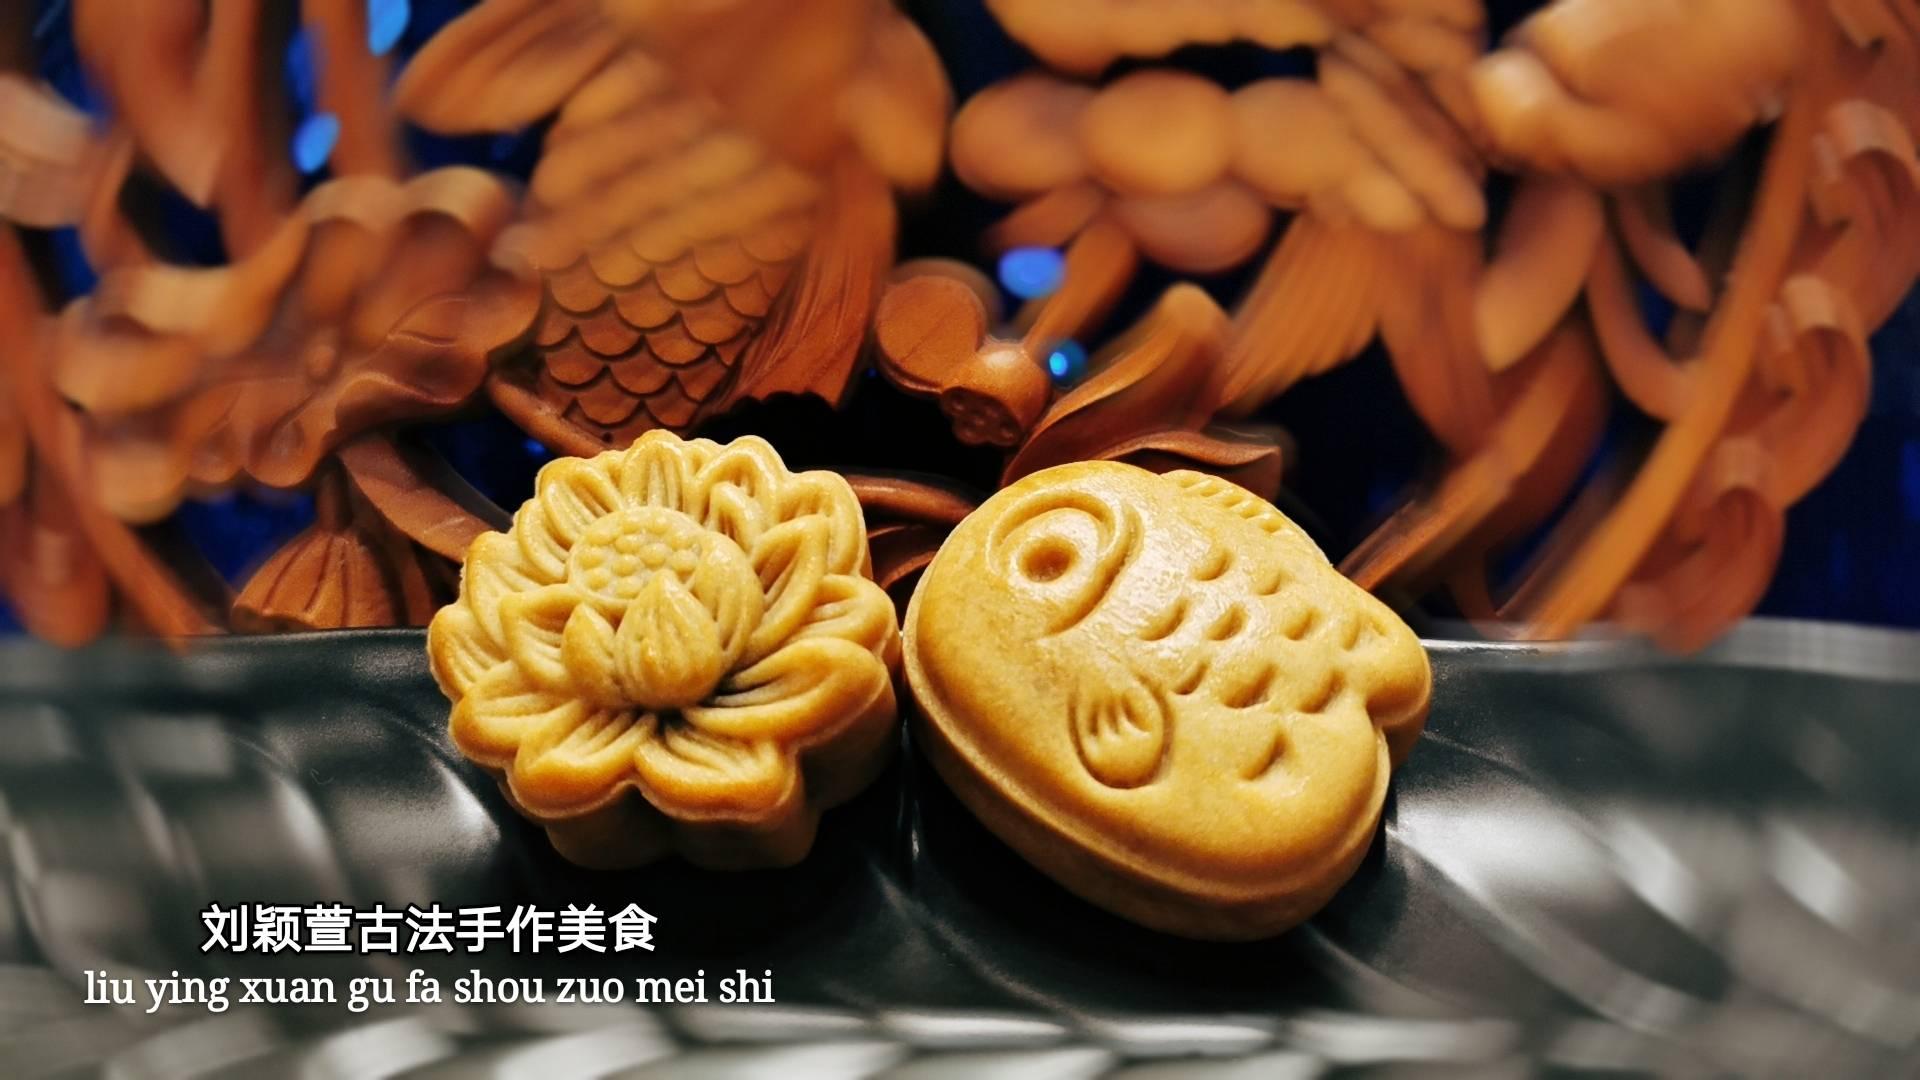 古城美食~刘颖萱古法手作《锦花宴》红豆沙咸蛋黄月饼